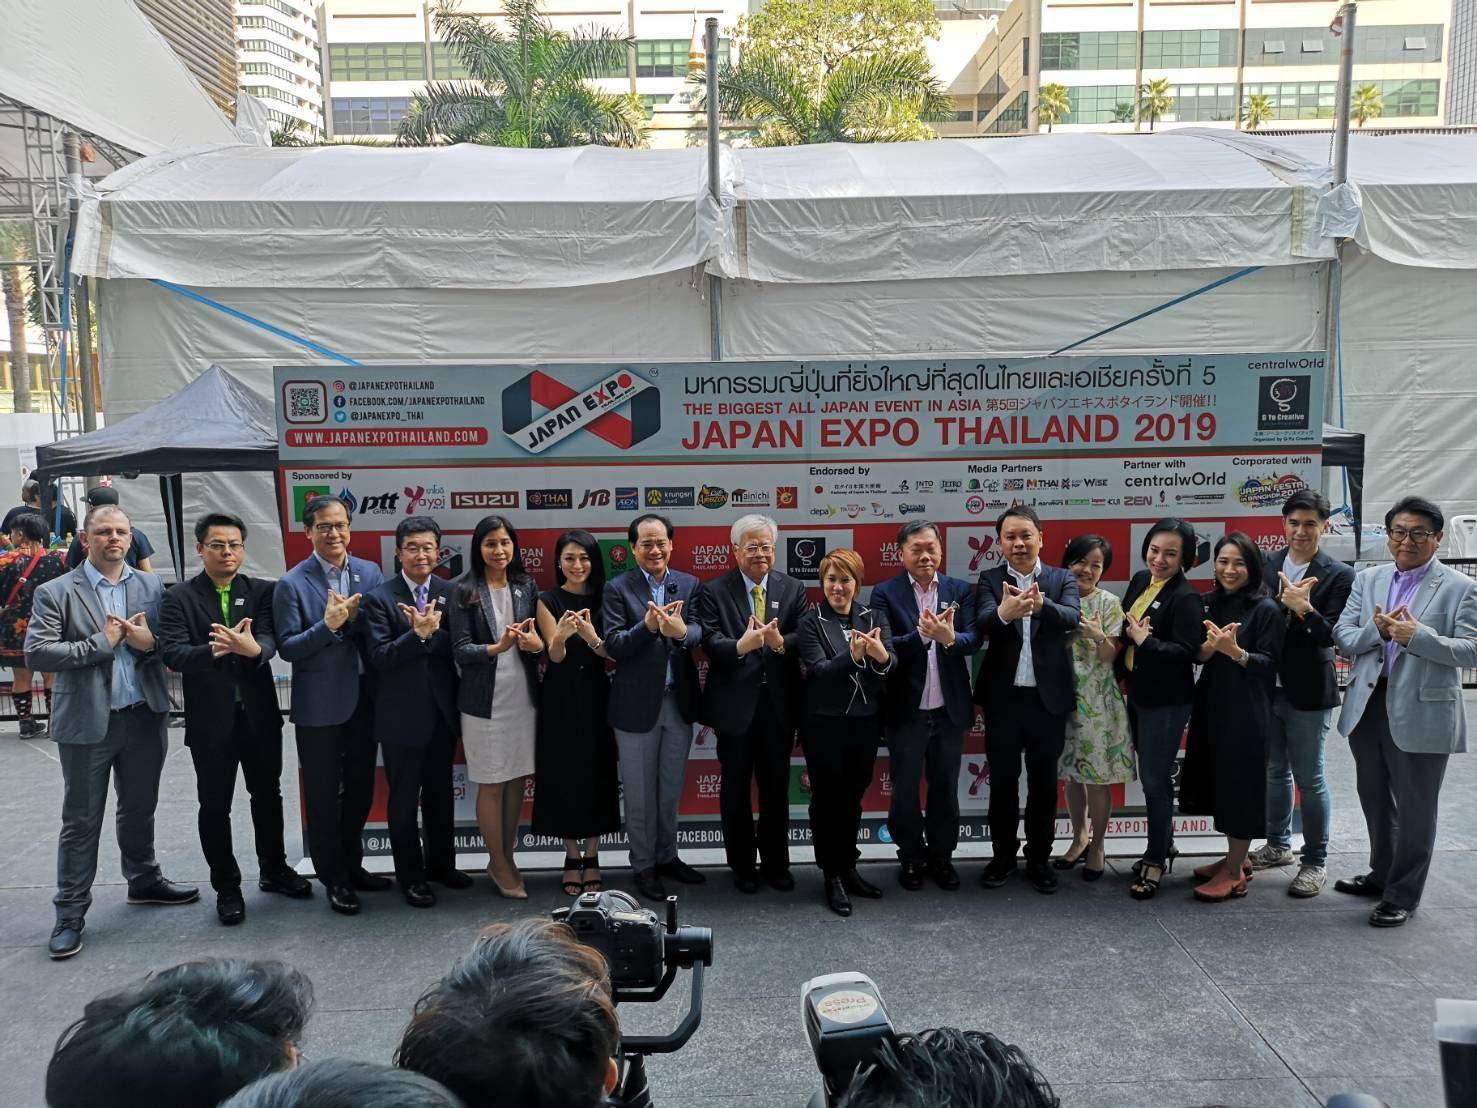 มหกรรมอีเว้นท์ญี่ปุ่นที่ยิ่งใหญ่ที่สุดในเอเชีย Japan Expo Thailand 2019 ครั้งที่ 5